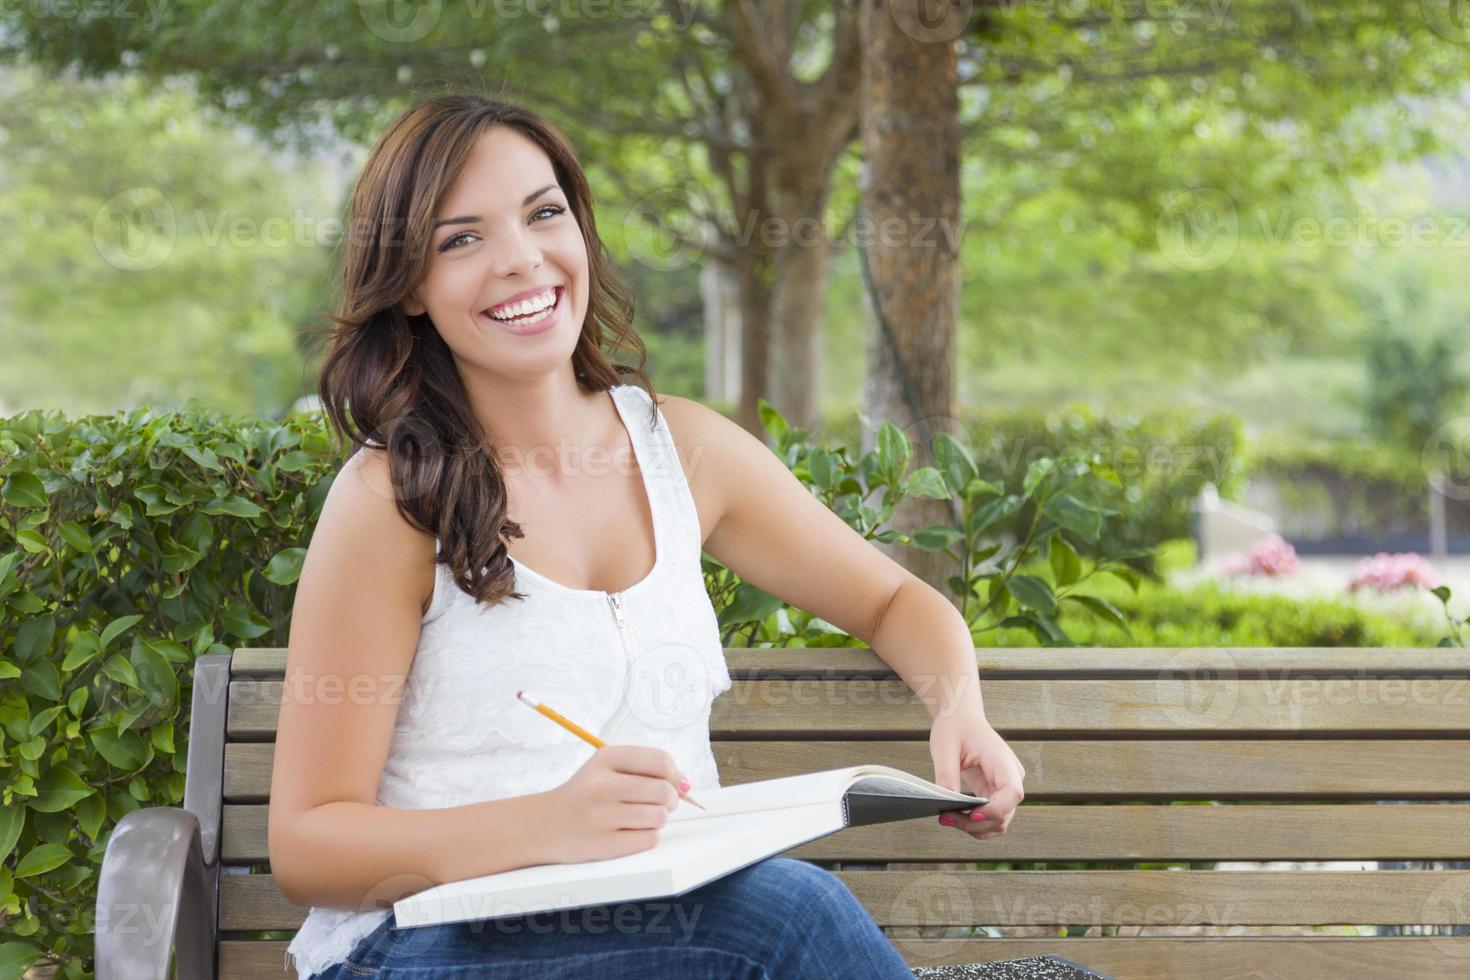 junge erwachsene Studentin auf Bank im Freien foto